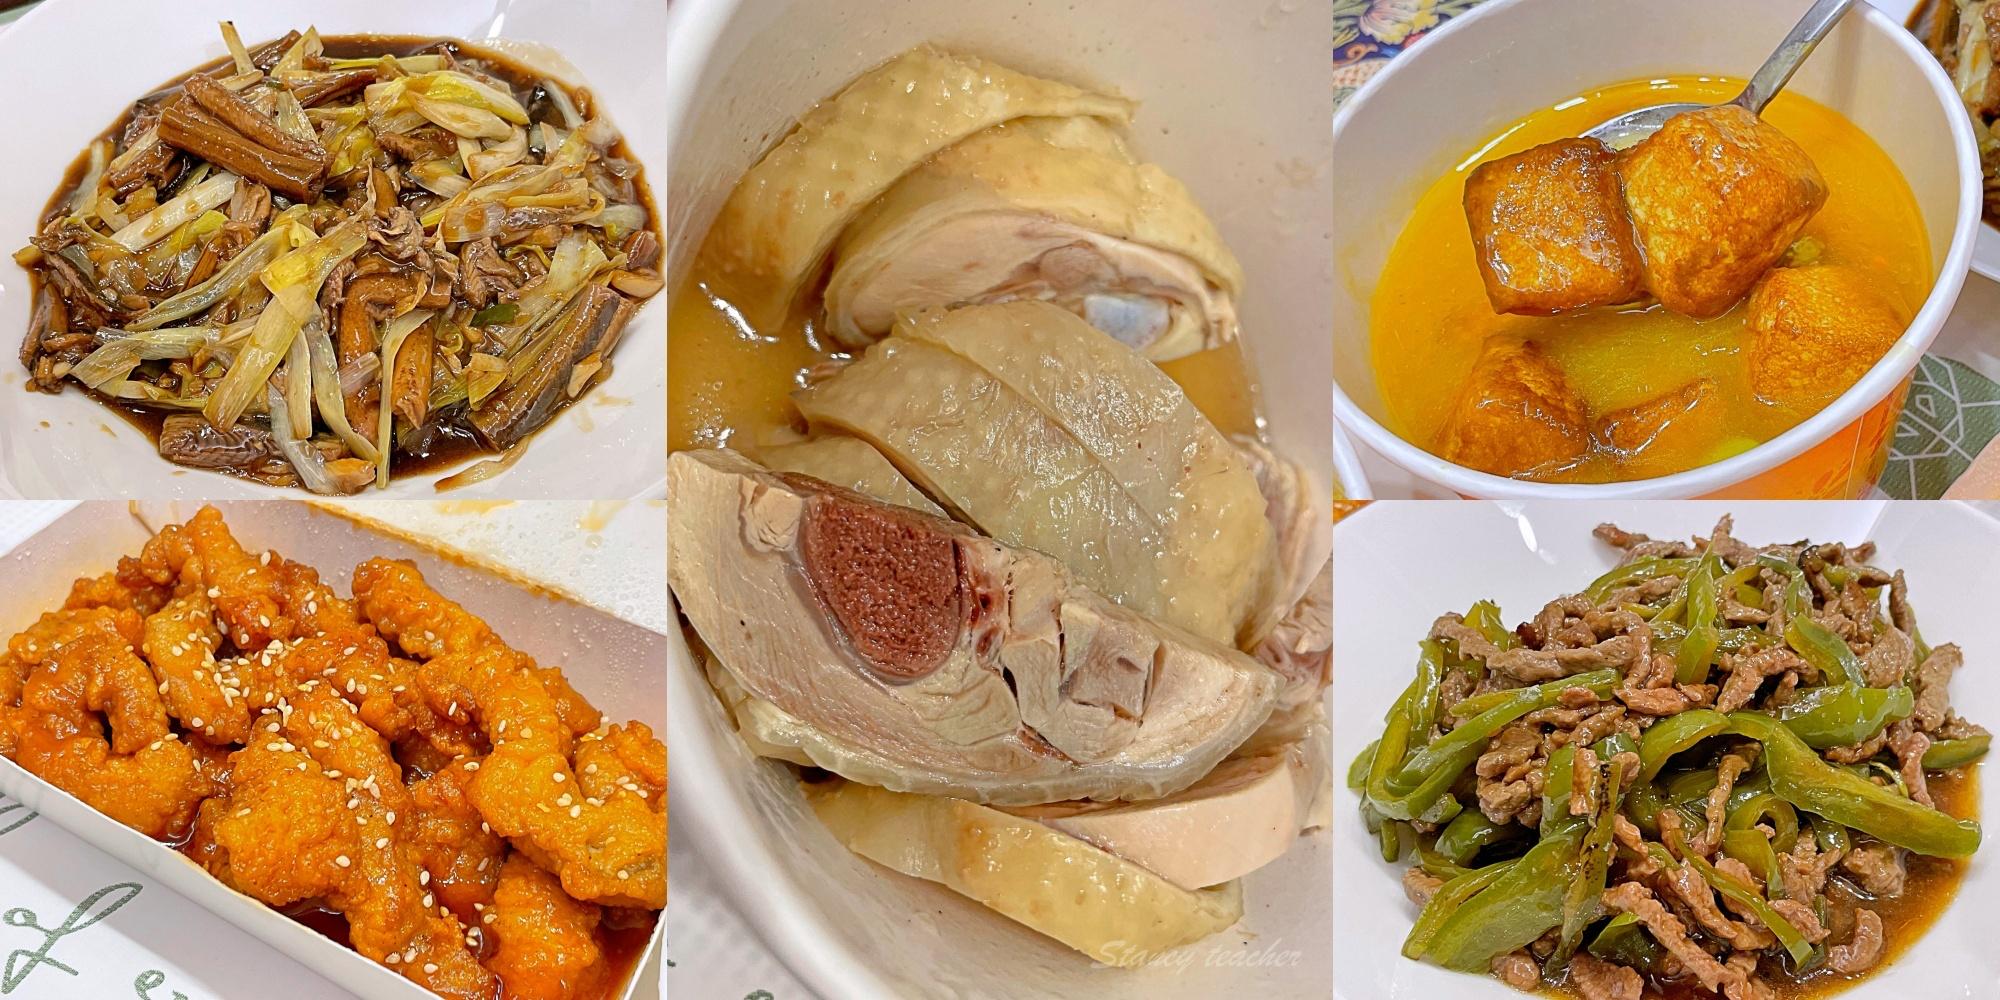 聚馥園餐廳外帶 江浙菜聚馥園餐廳外帶 台北中式合菜外帶(菜單、價格)